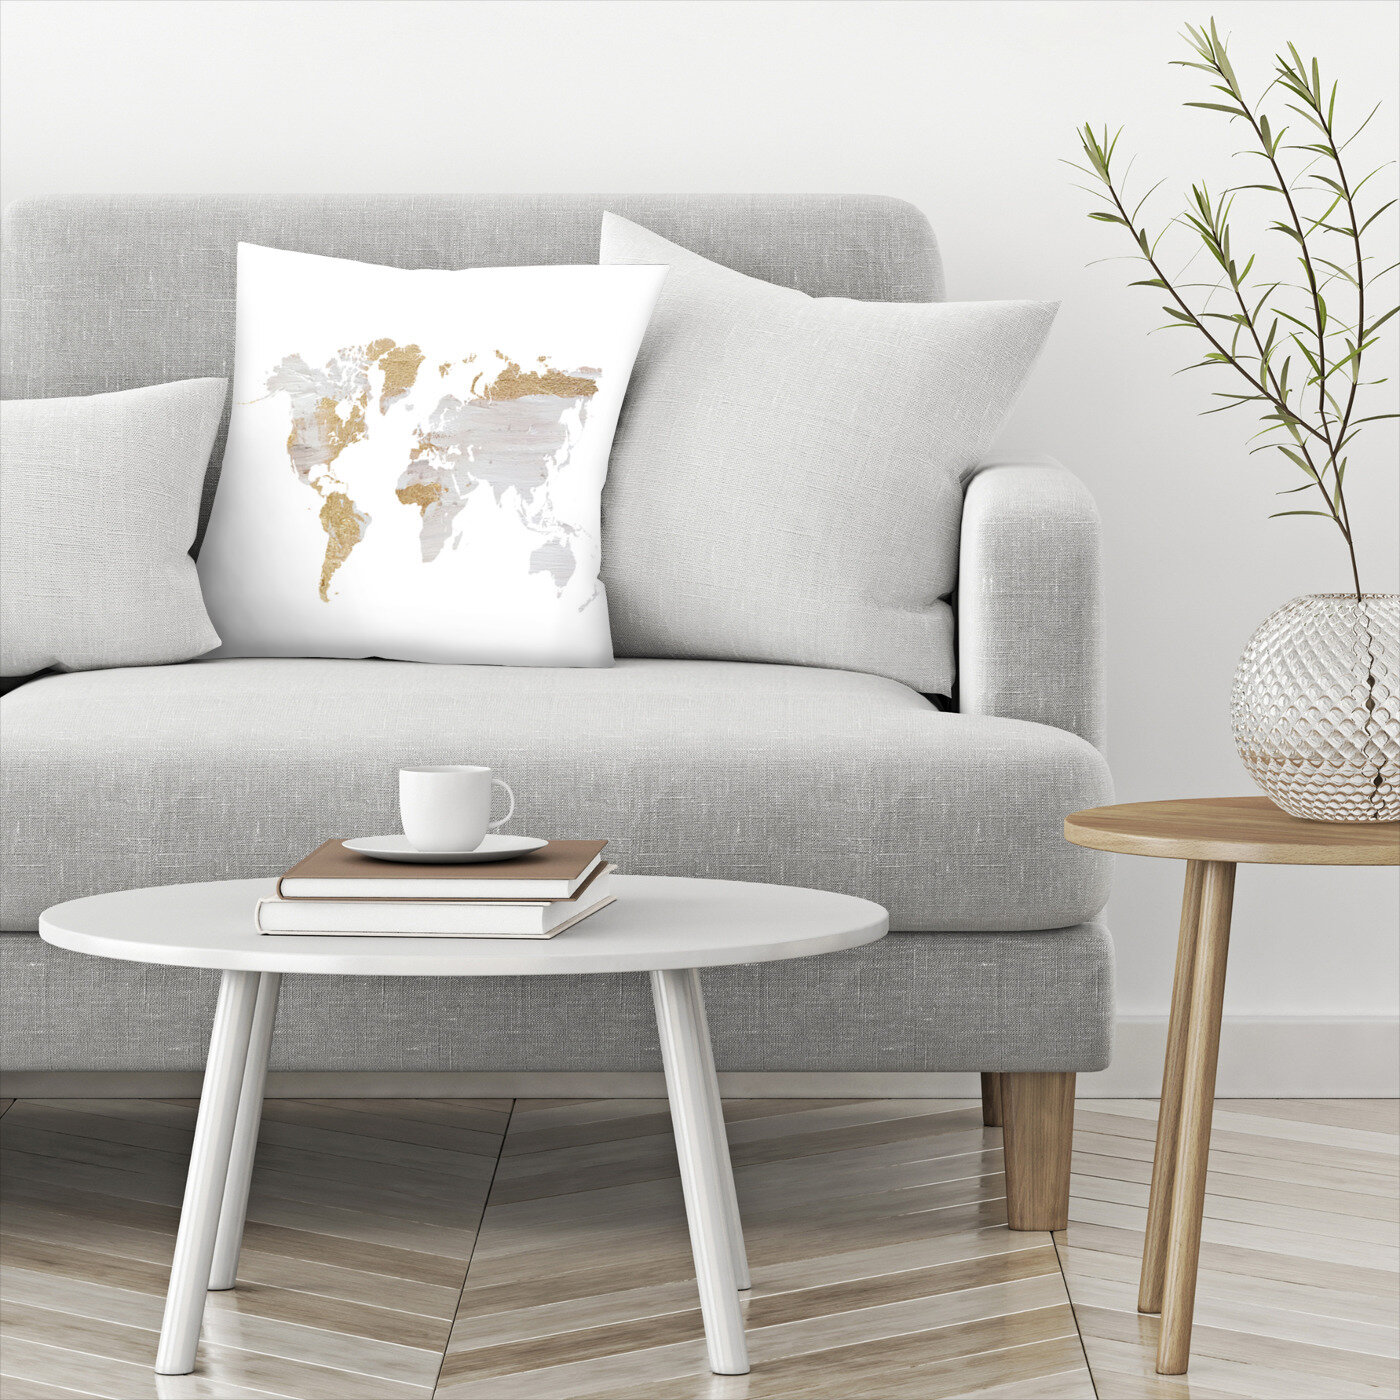 East Urban Home Gray Gold World Map Throw Pillow Reviews Wayfair